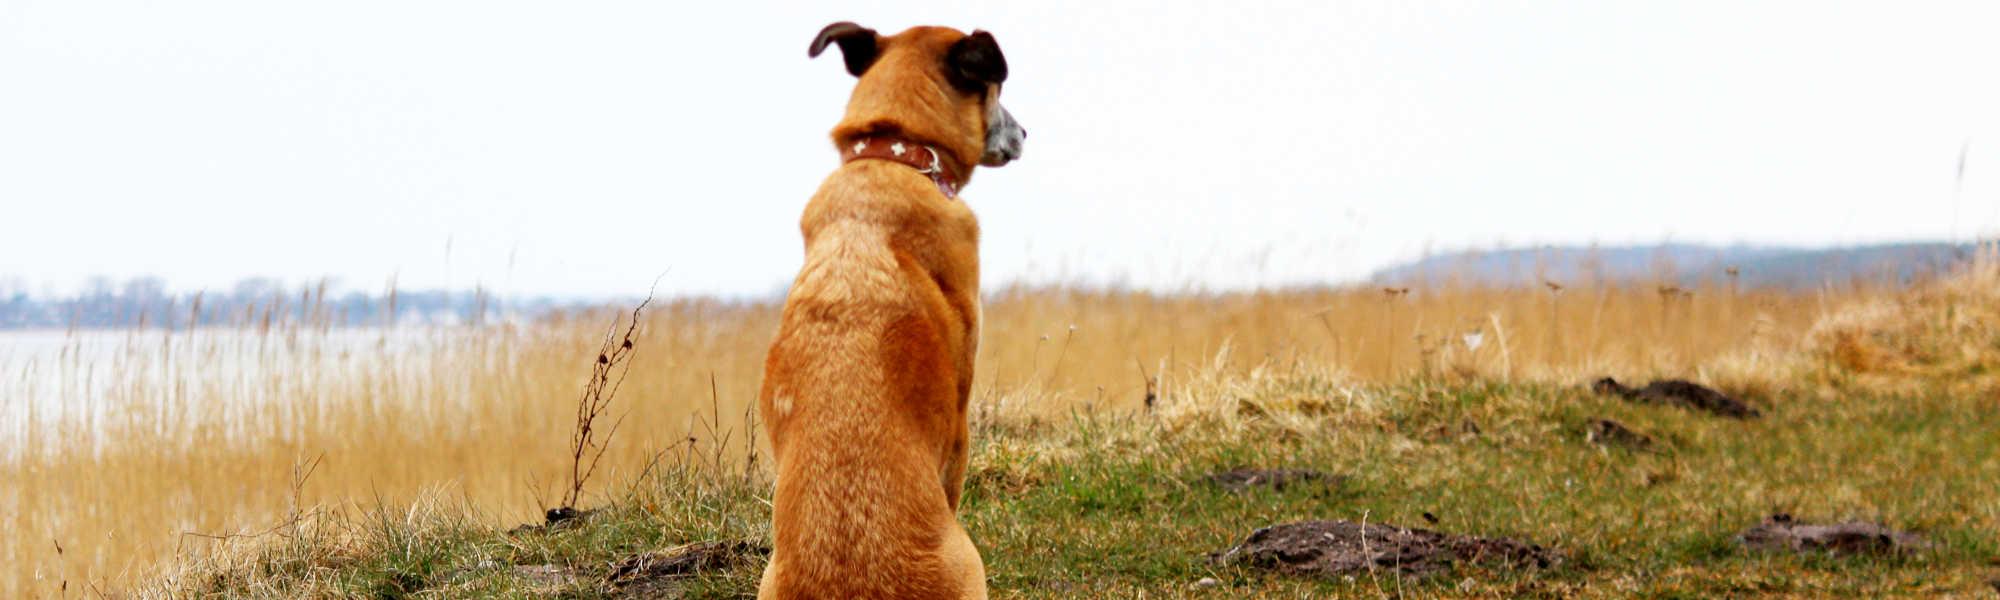 Hund sitzt am Ufer - Trainingsablauf beim Hundetraining Zehengänger